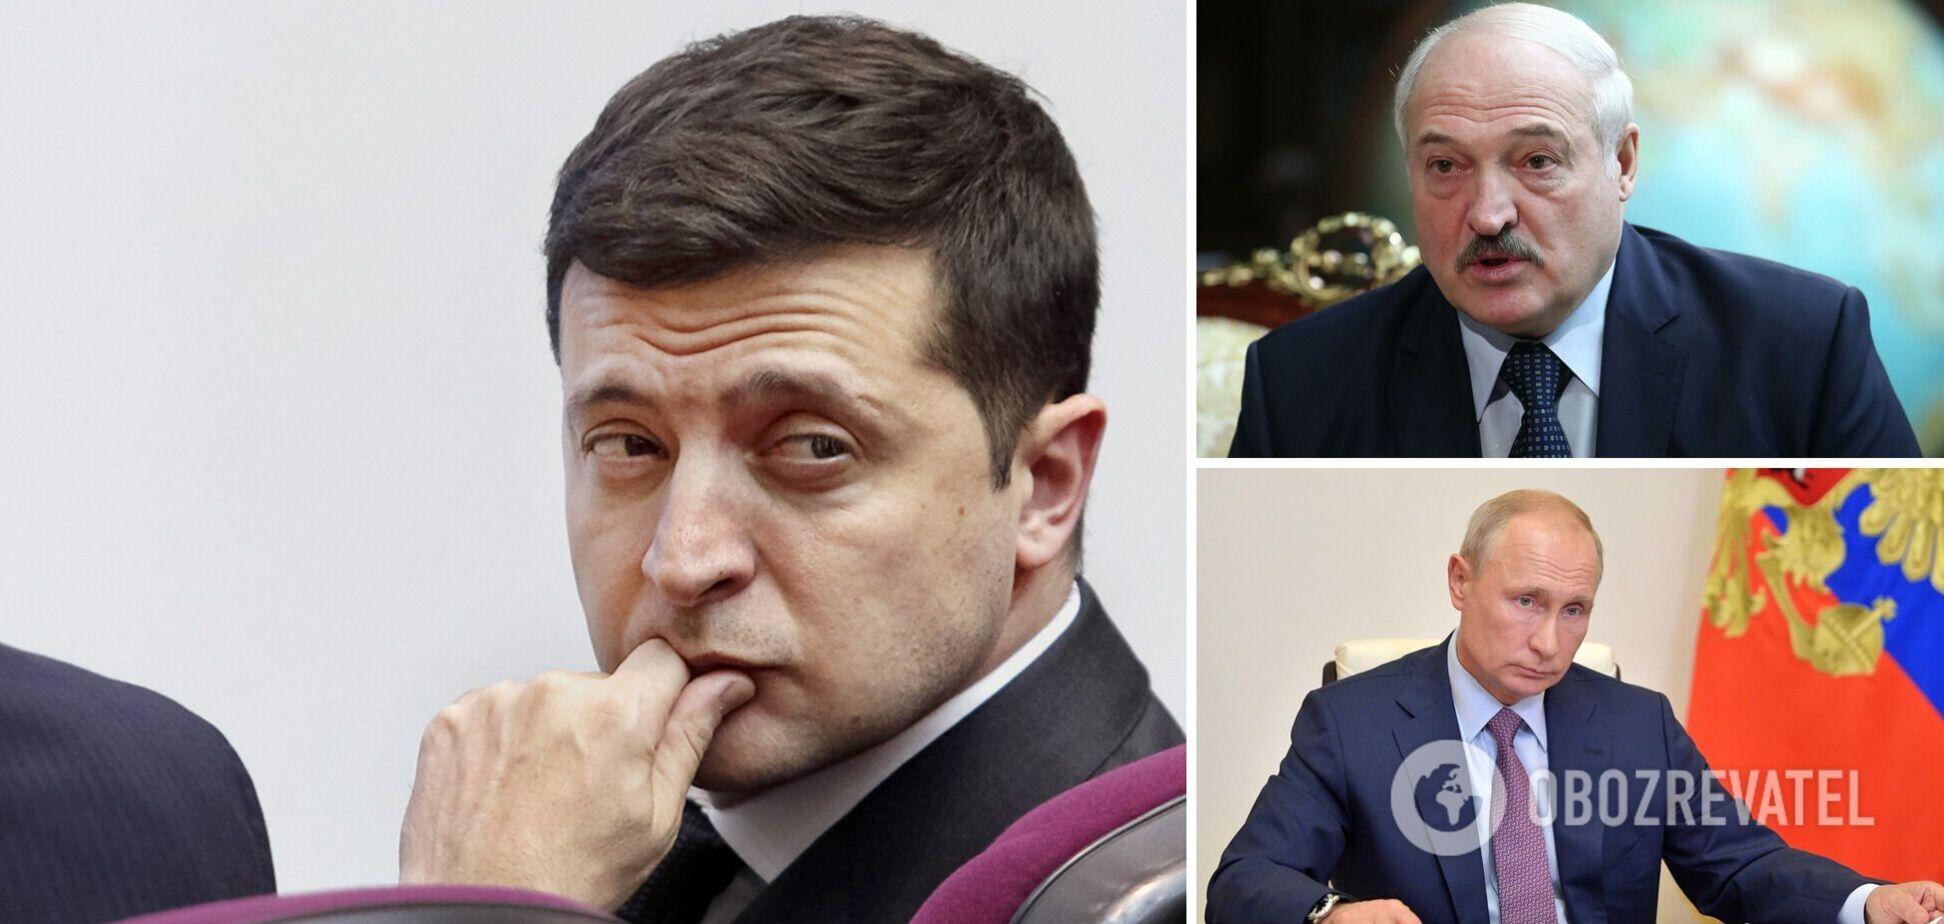 Путін відповів на пропозицію Зеленського про зустріч, а Лукашенко назвав 'дурістю' перенесення переговорів з Мінська